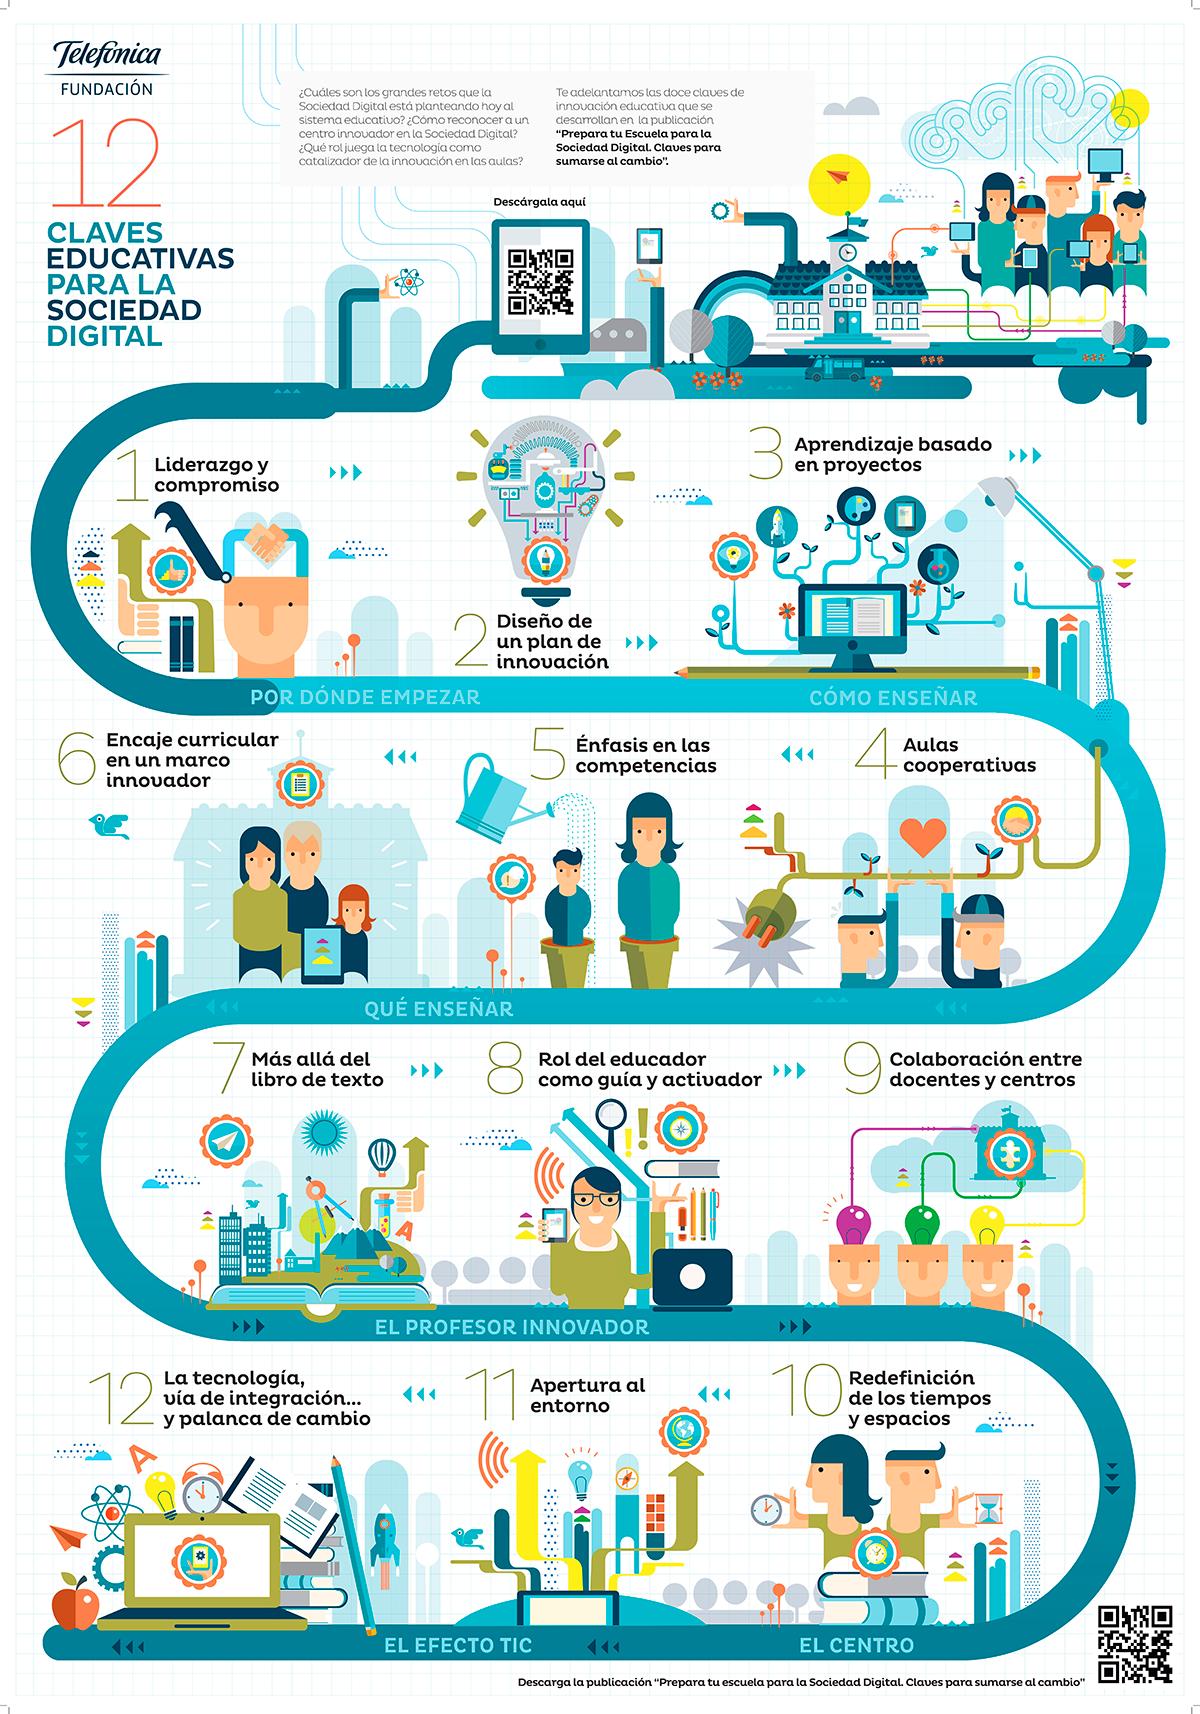 escuelas en la sociedad digital